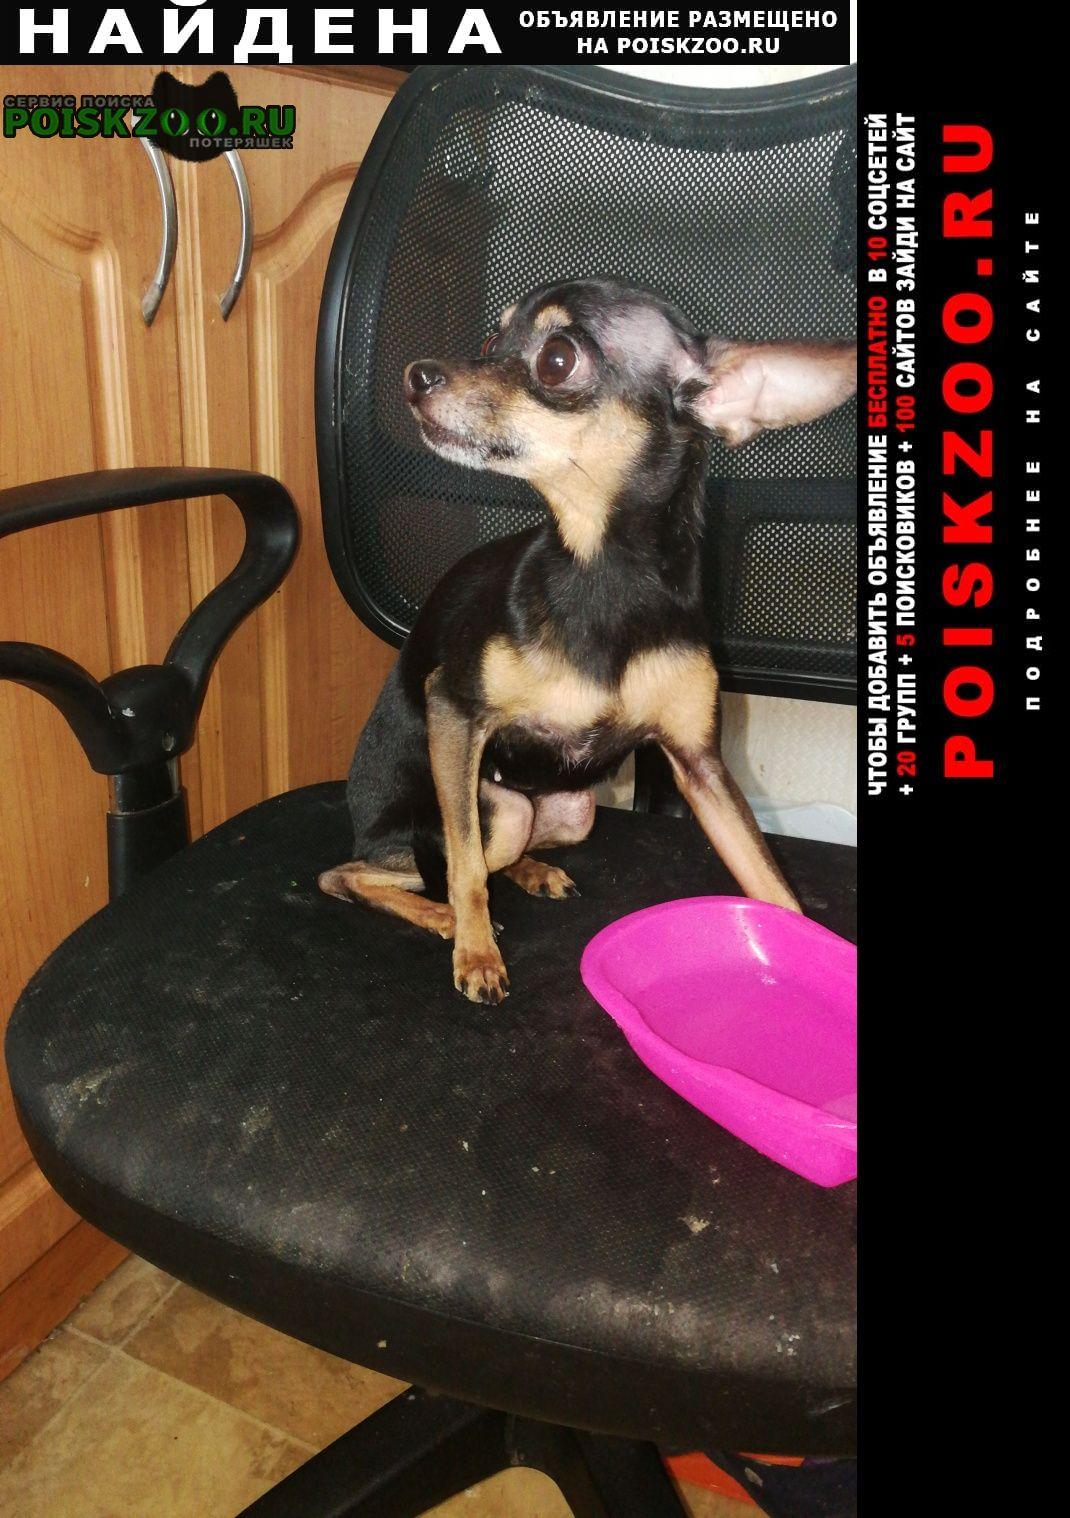 Найдена собака той-терьер Москва